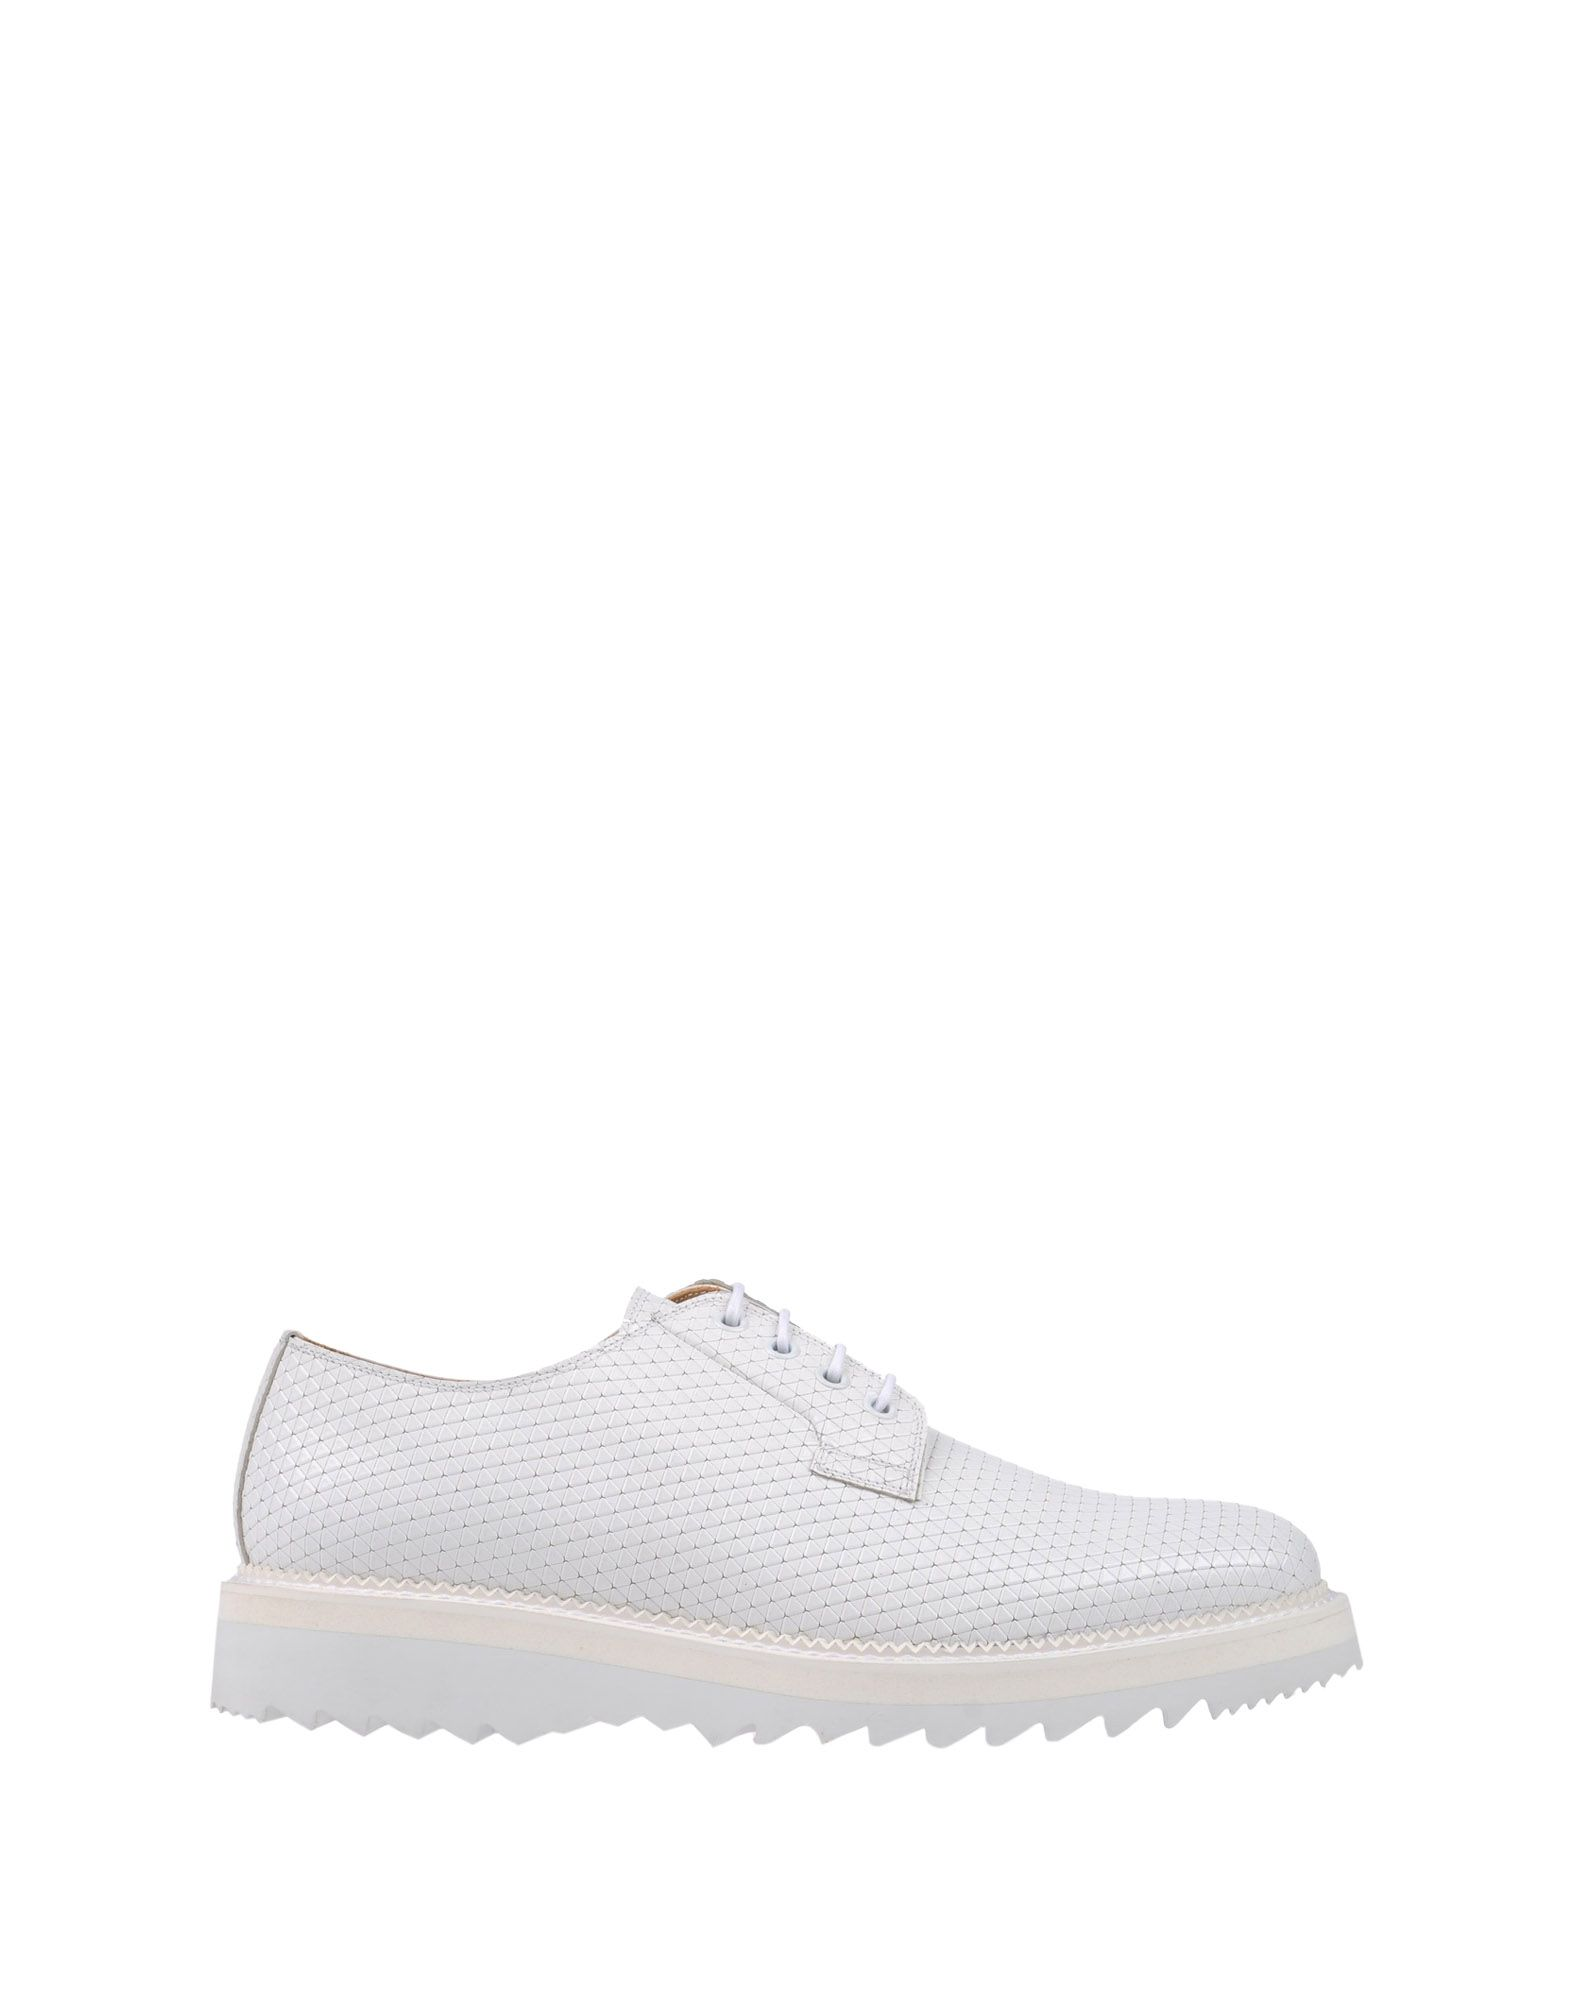 Chaussures À Lacets Marc Jacobs Homme - Chaussures À Lacets Marc Jacobs sur